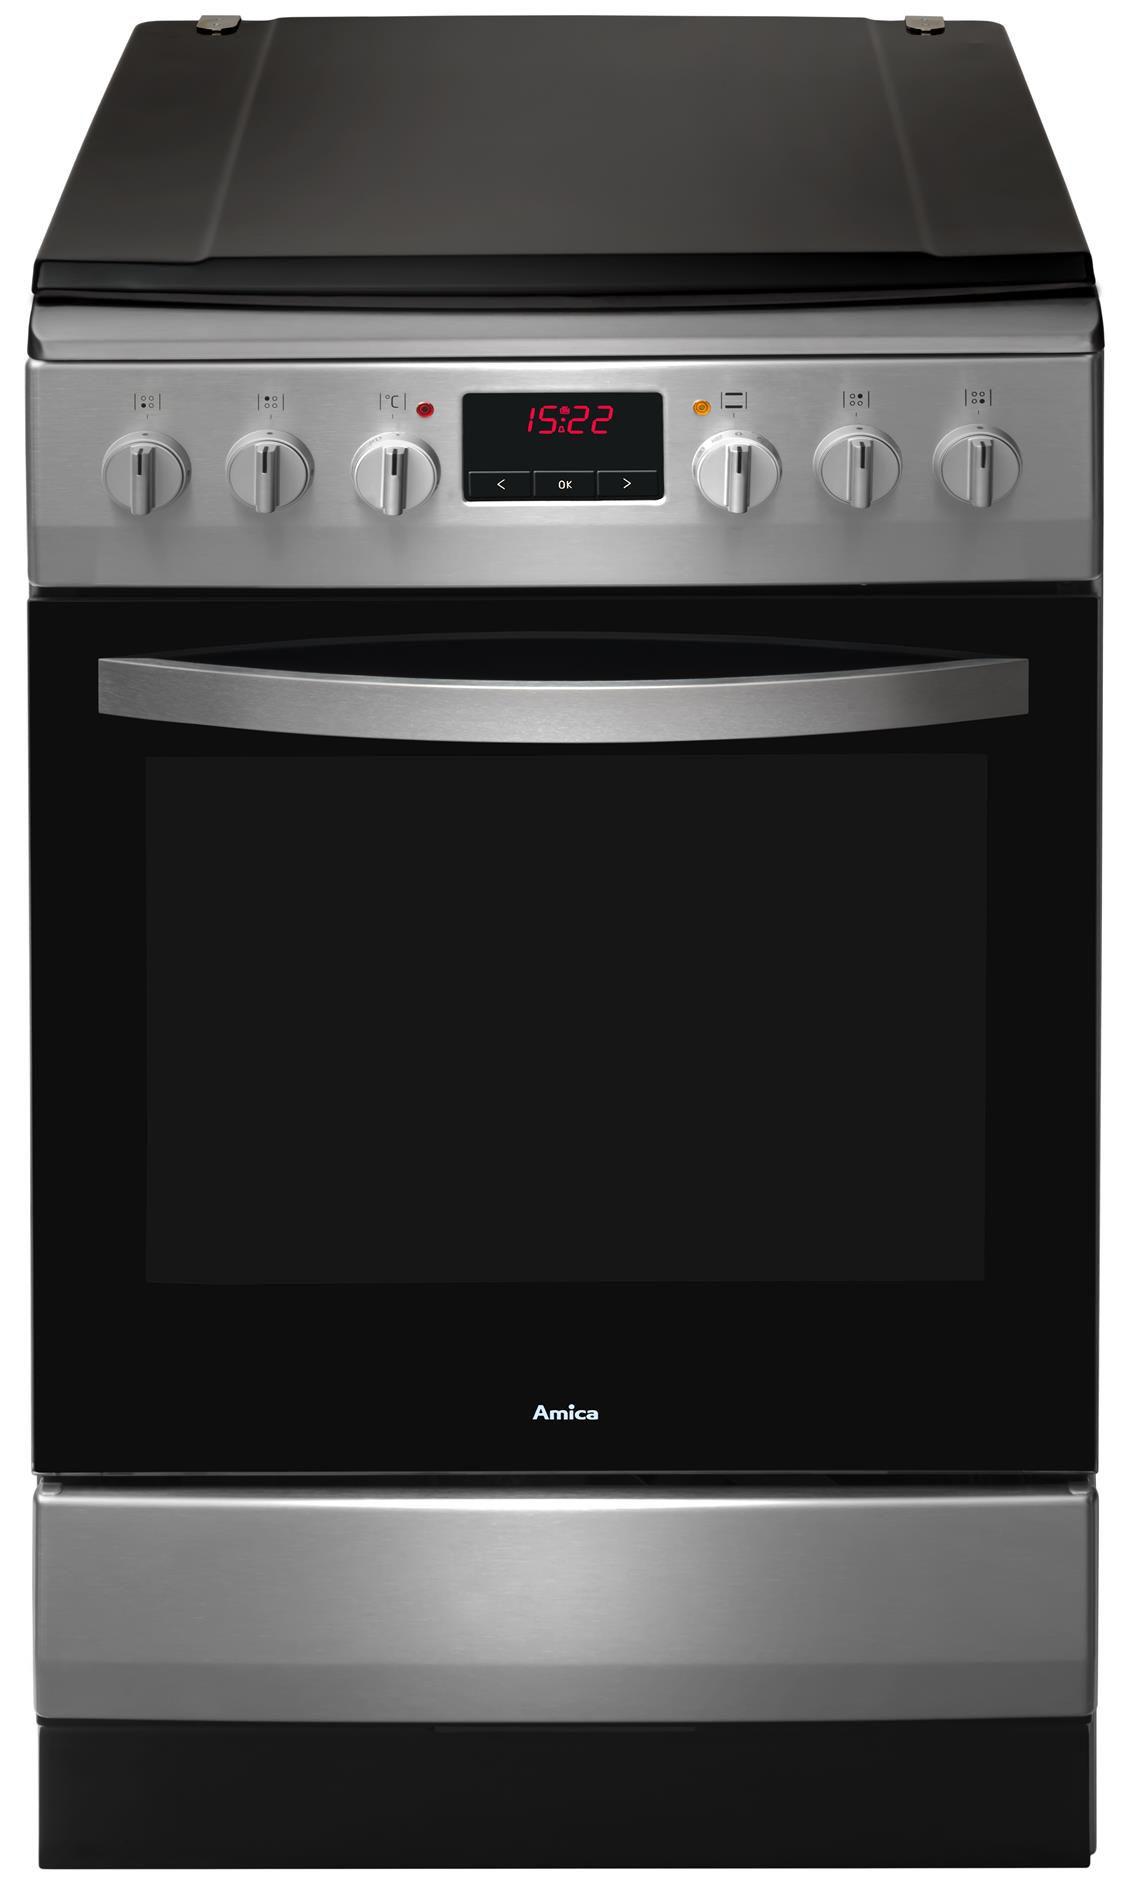 Kuchnia wolnostojąca gazowo elektryczna 500 520GE3 33ZpTaDpAQ(Xx)  Amica -> Kuchnia Elektryczna Wolnostojąca Amica